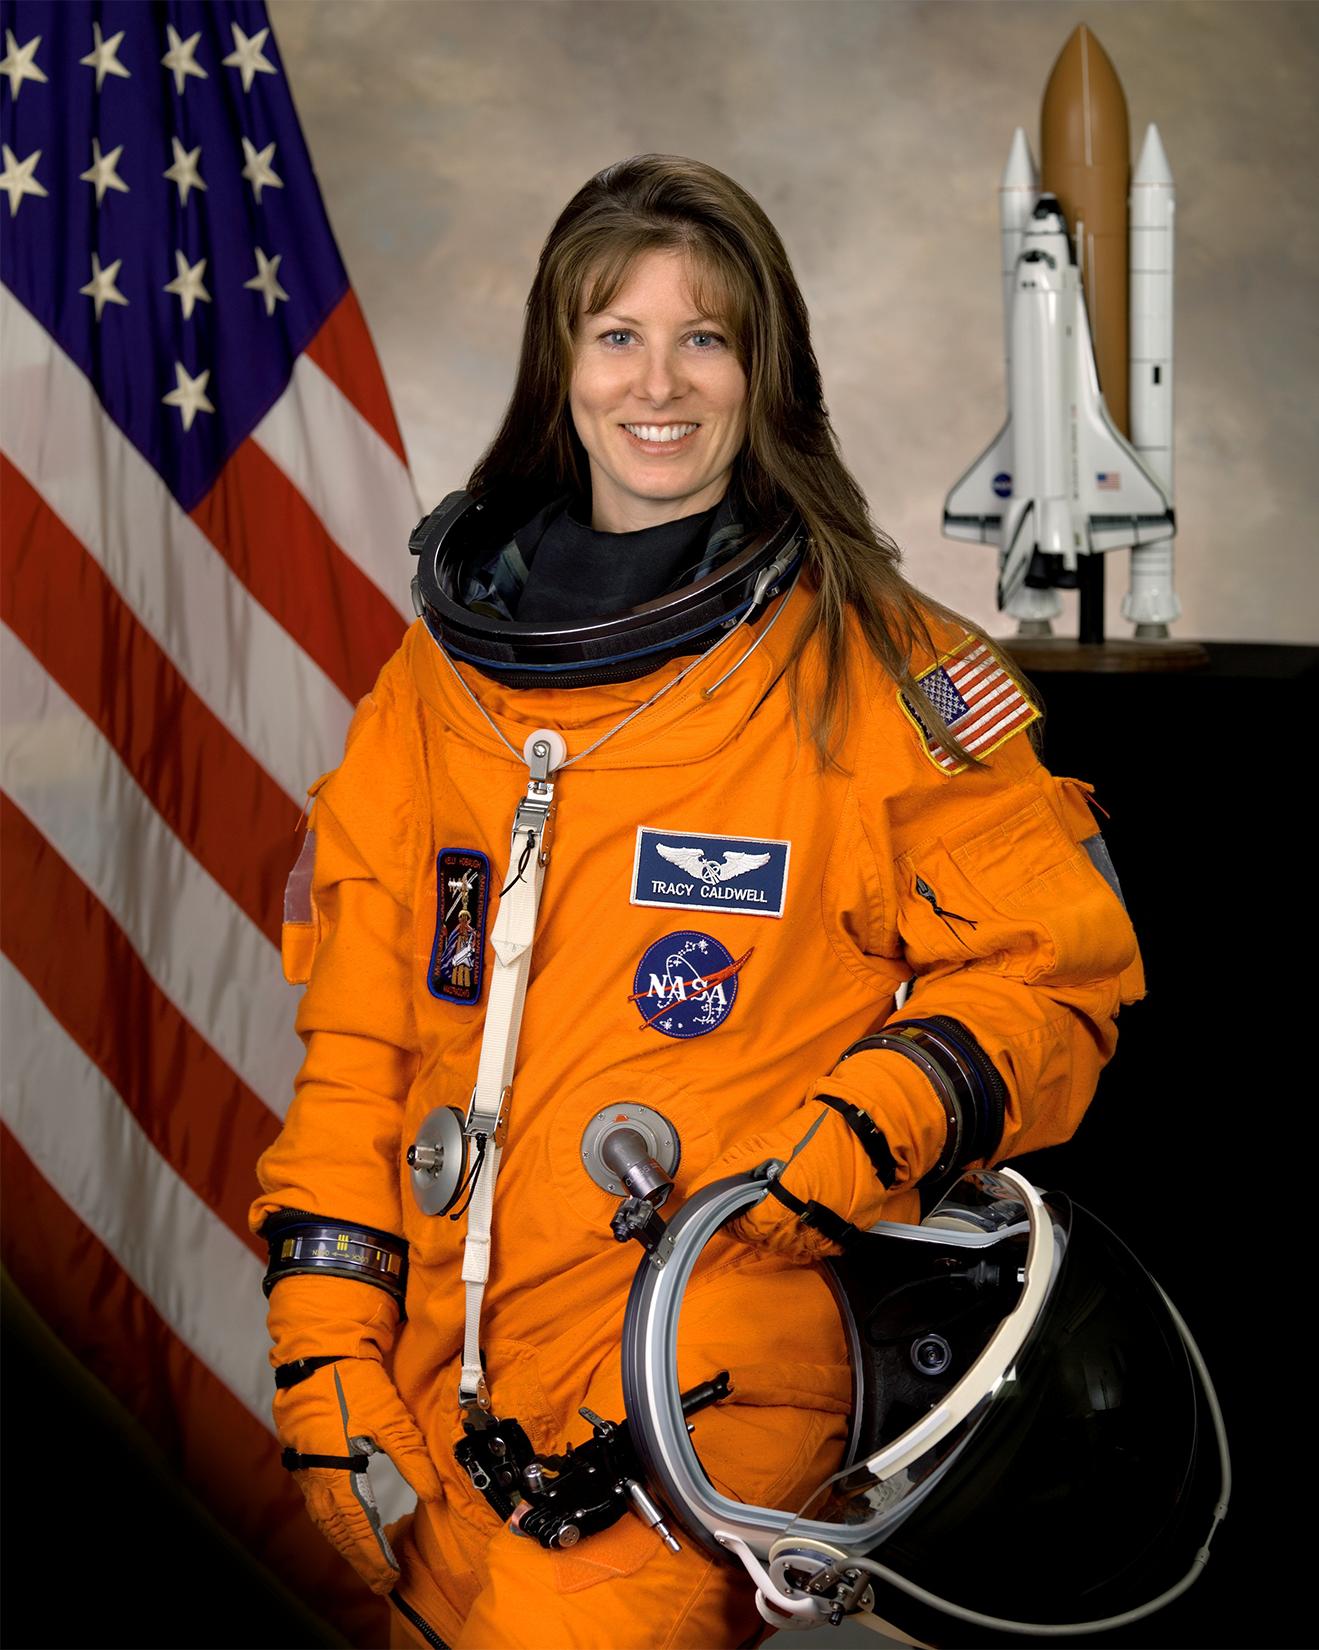 Dr. Tracy Caldwell Dyson | Astronaut, NASA